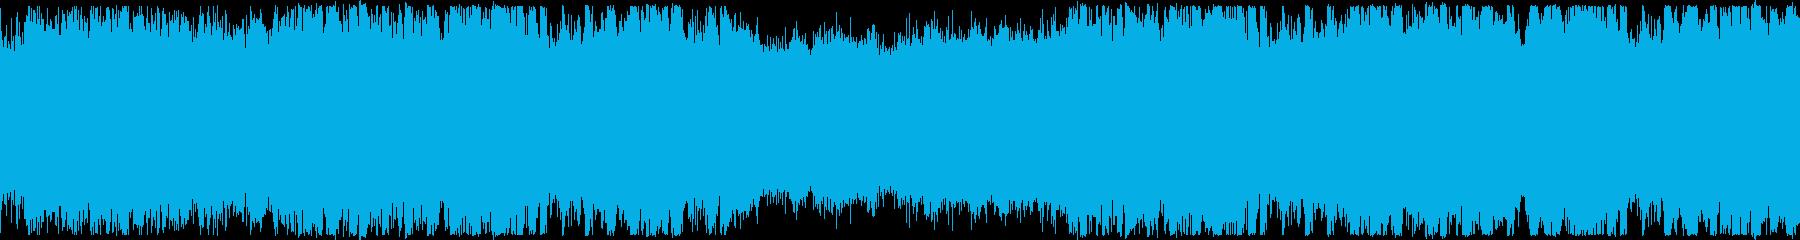 洋楽・おしゃれフューチャーベース・ループの再生済みの波形